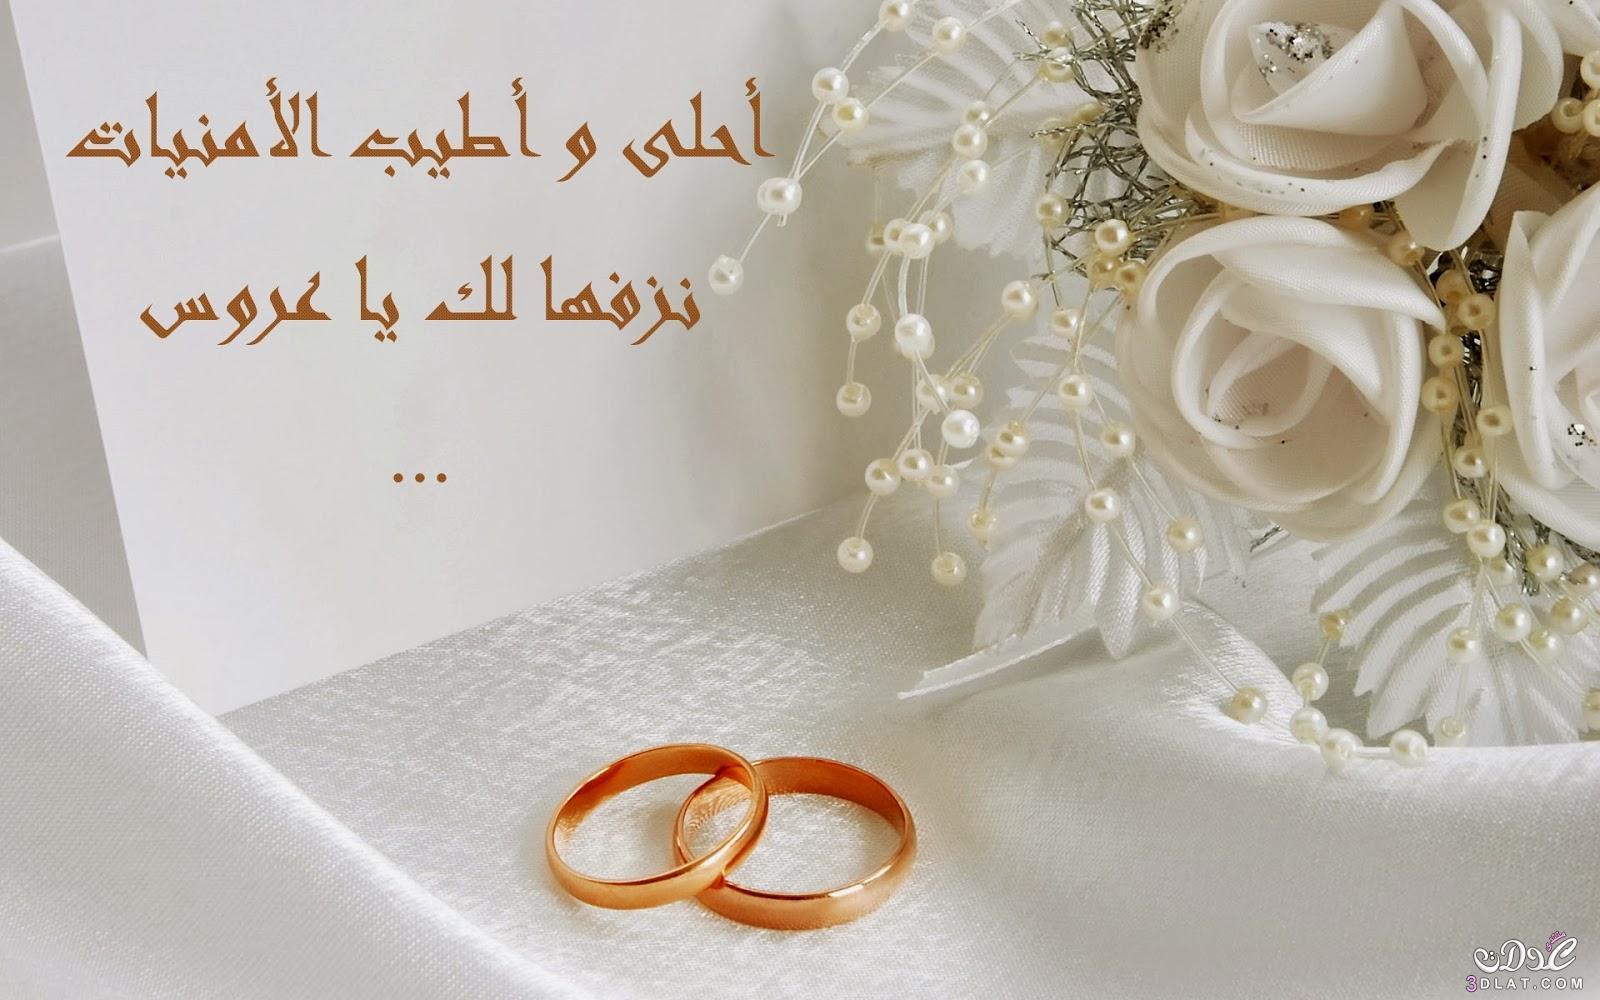 بالصور توبيكات زواج للعريس , اجمل تهنئة حب من اجل العريس 11919 1